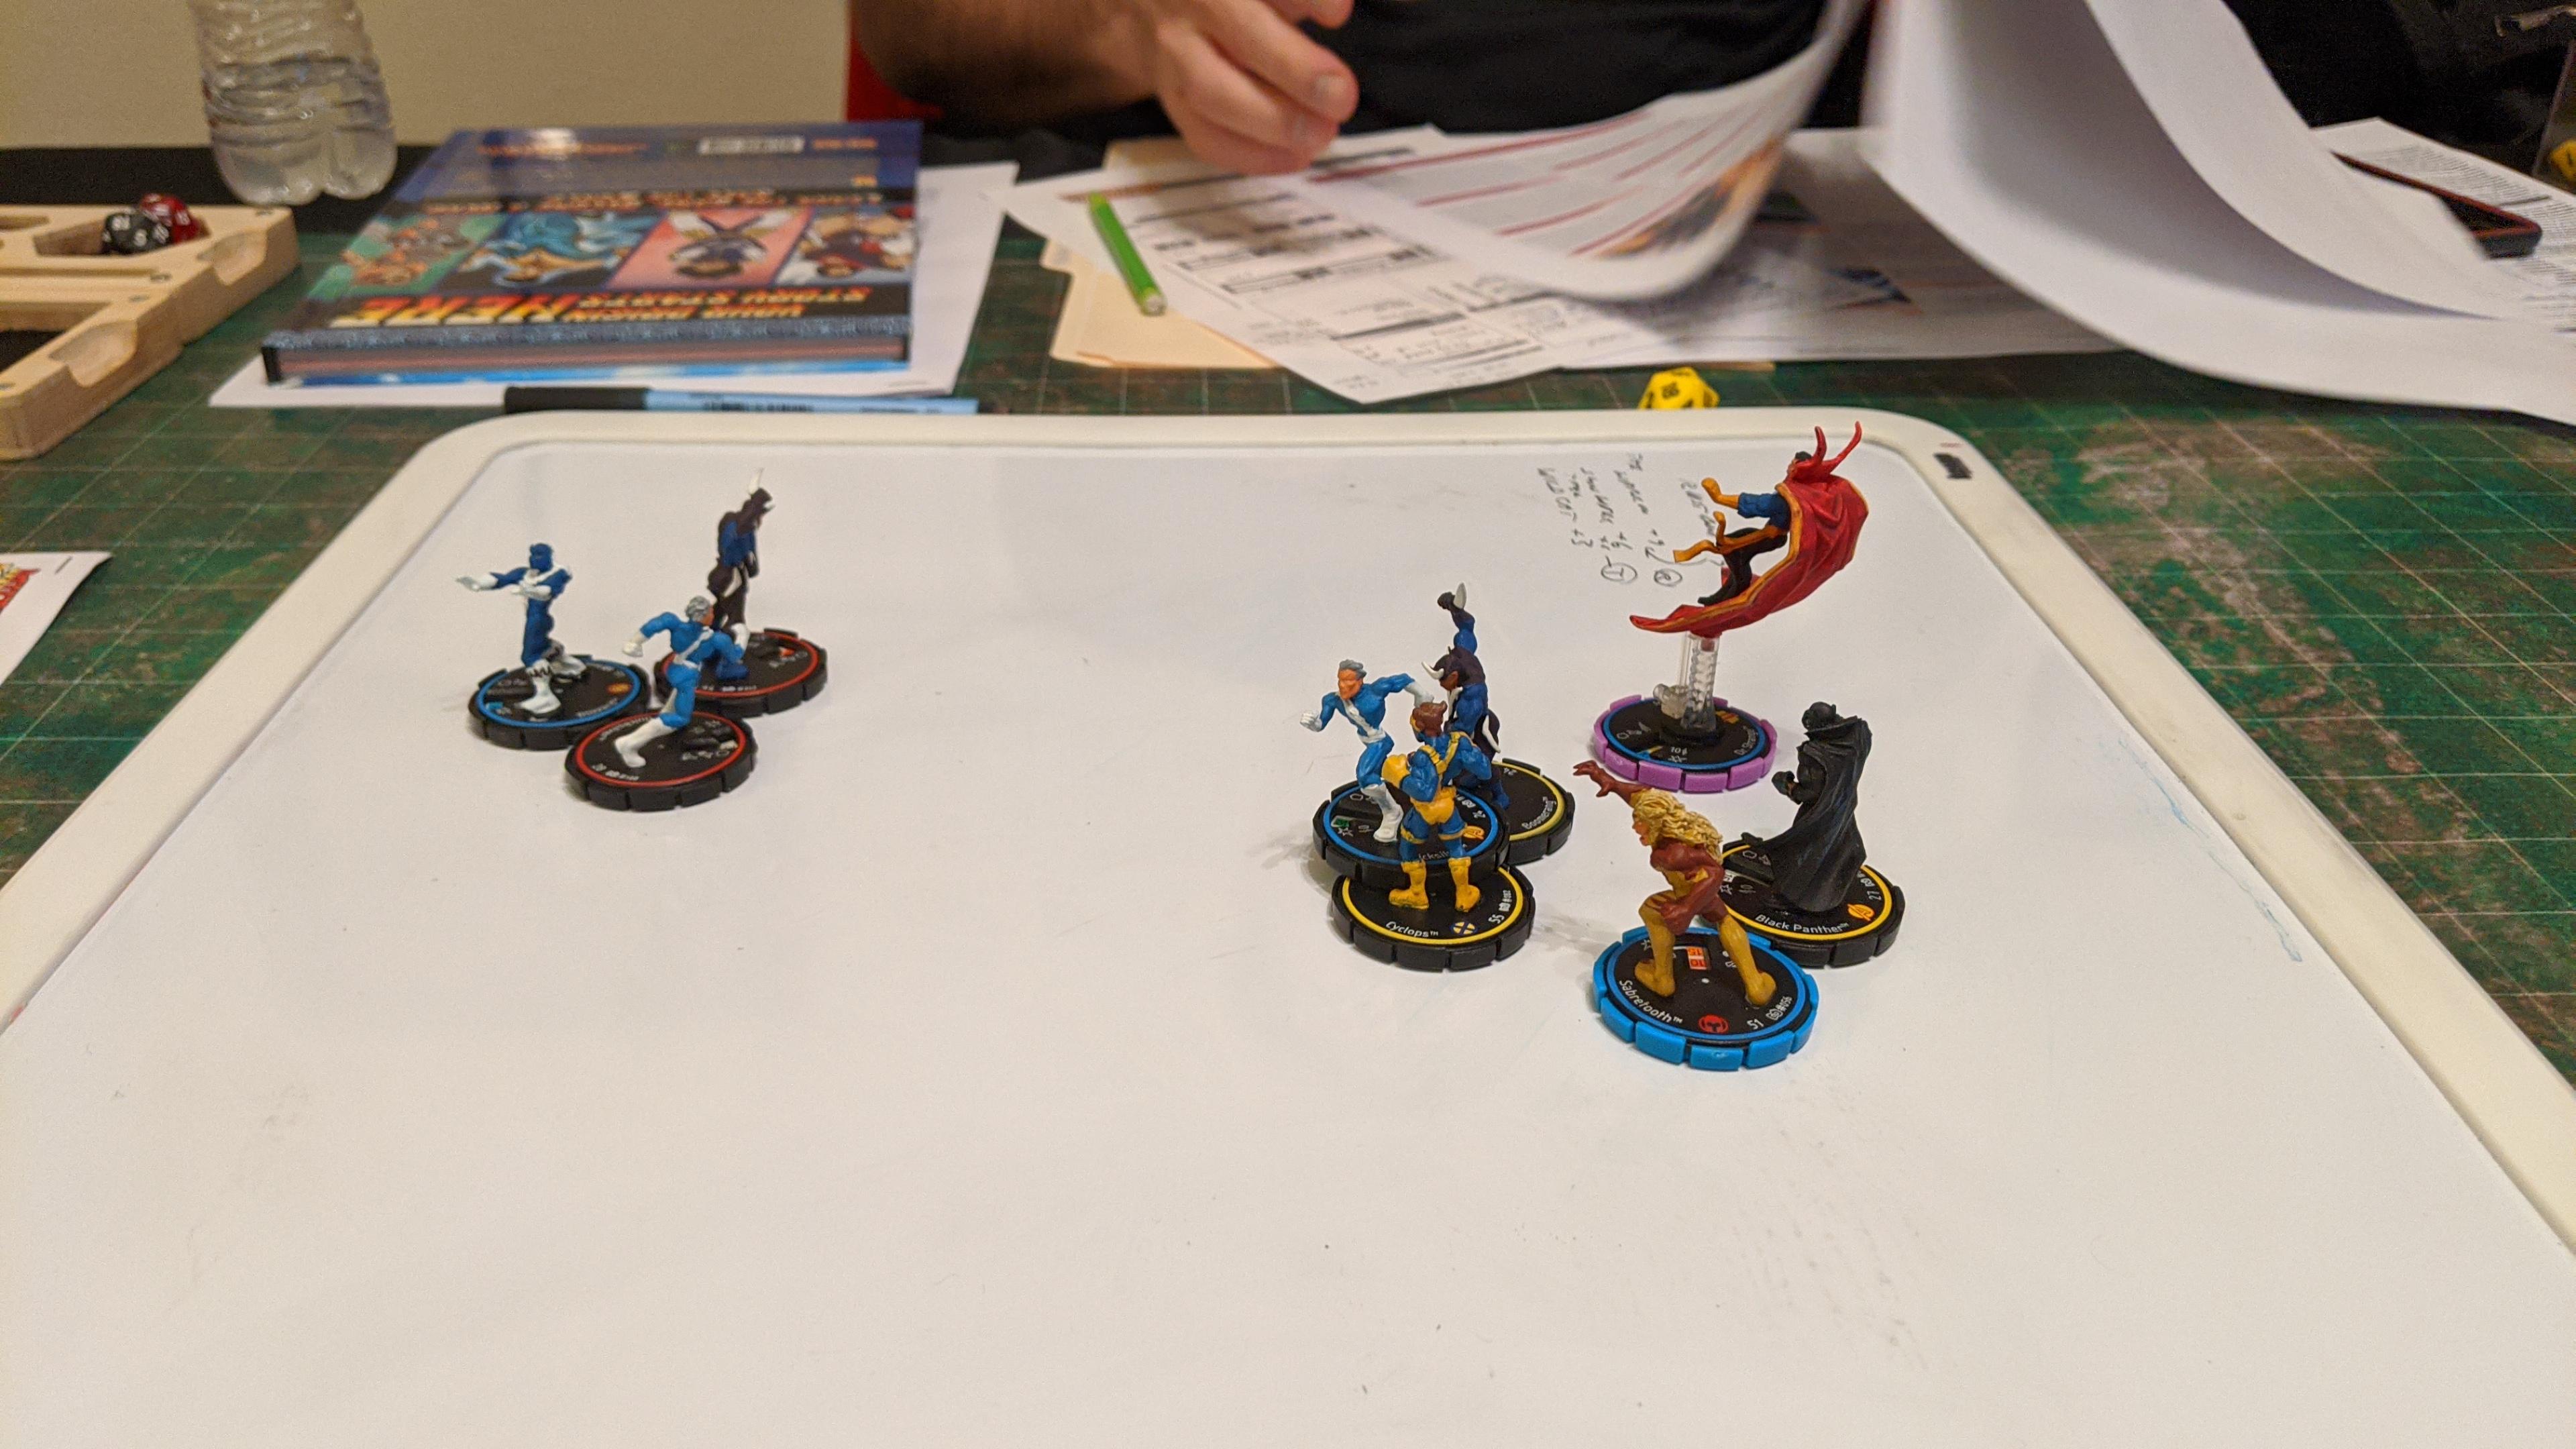 Using Heroclix Miniatures